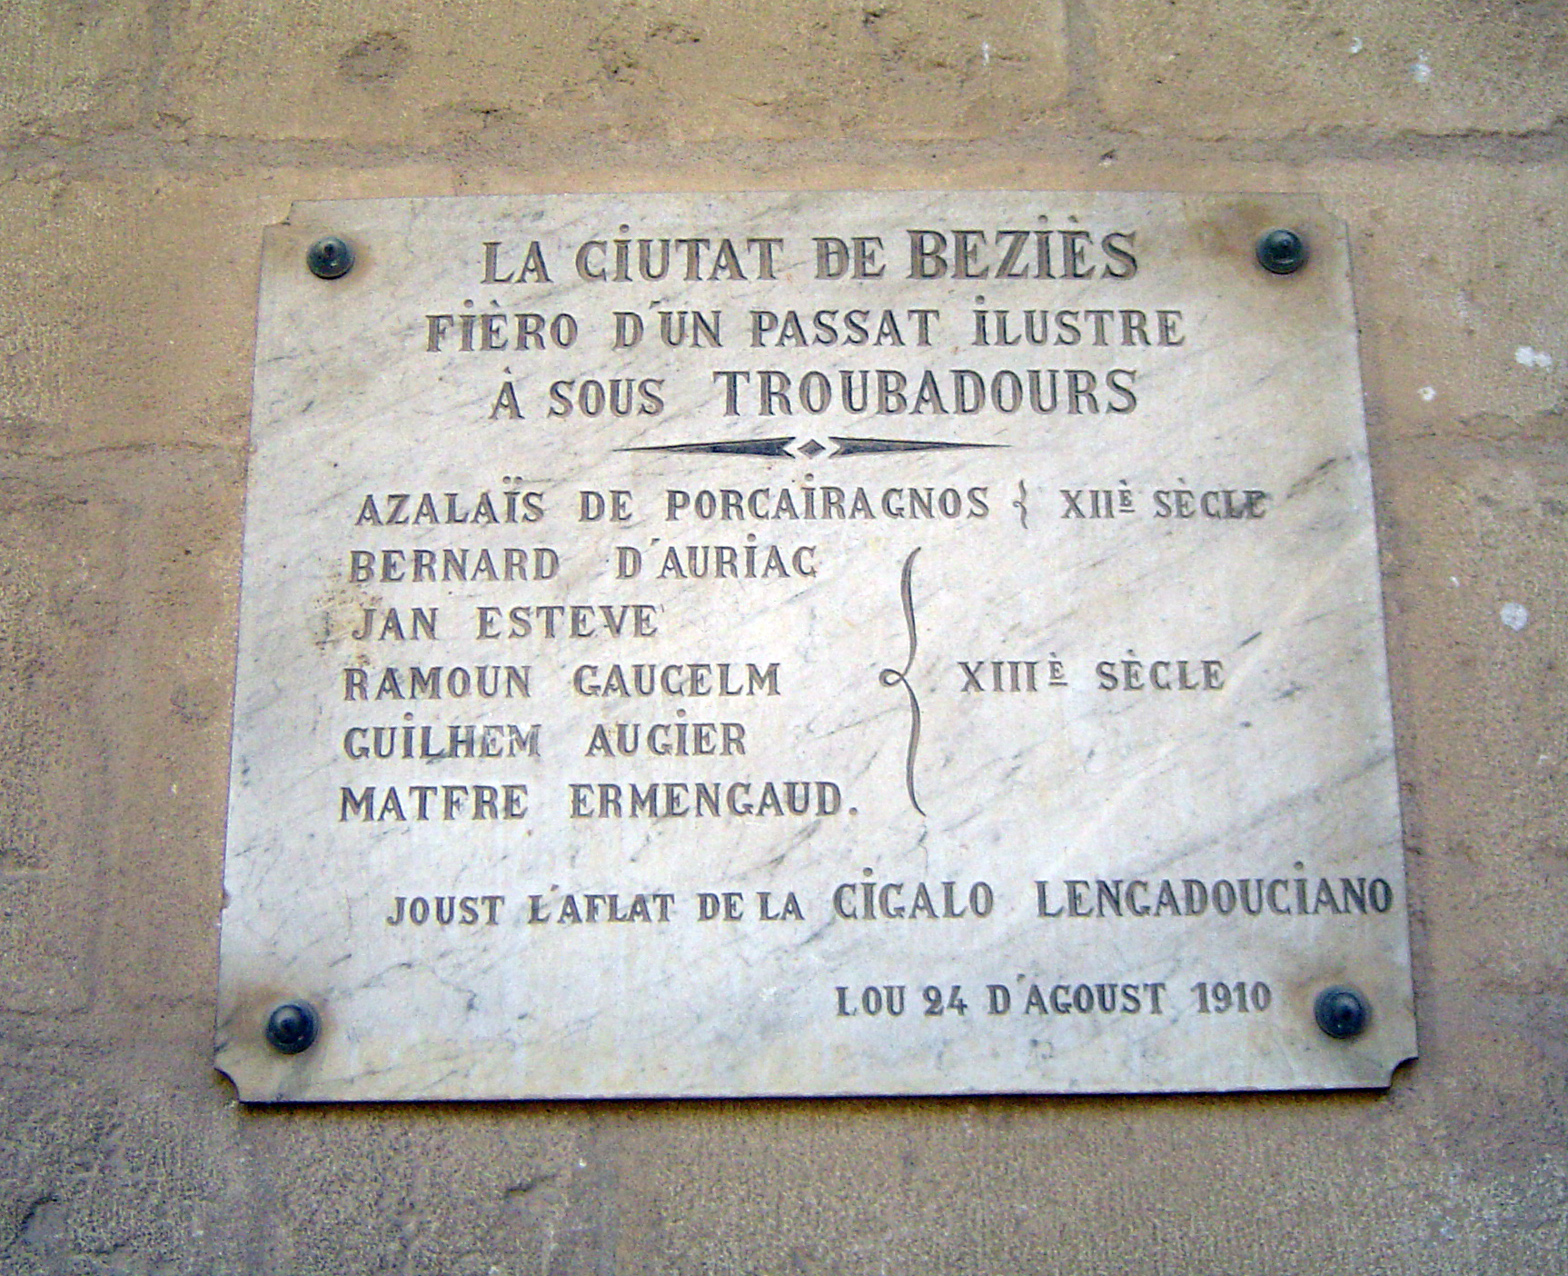 21.06.2009 La ciutat de Besiers en homenatge als seus trobadors  Besiers -  Jordi Bibià